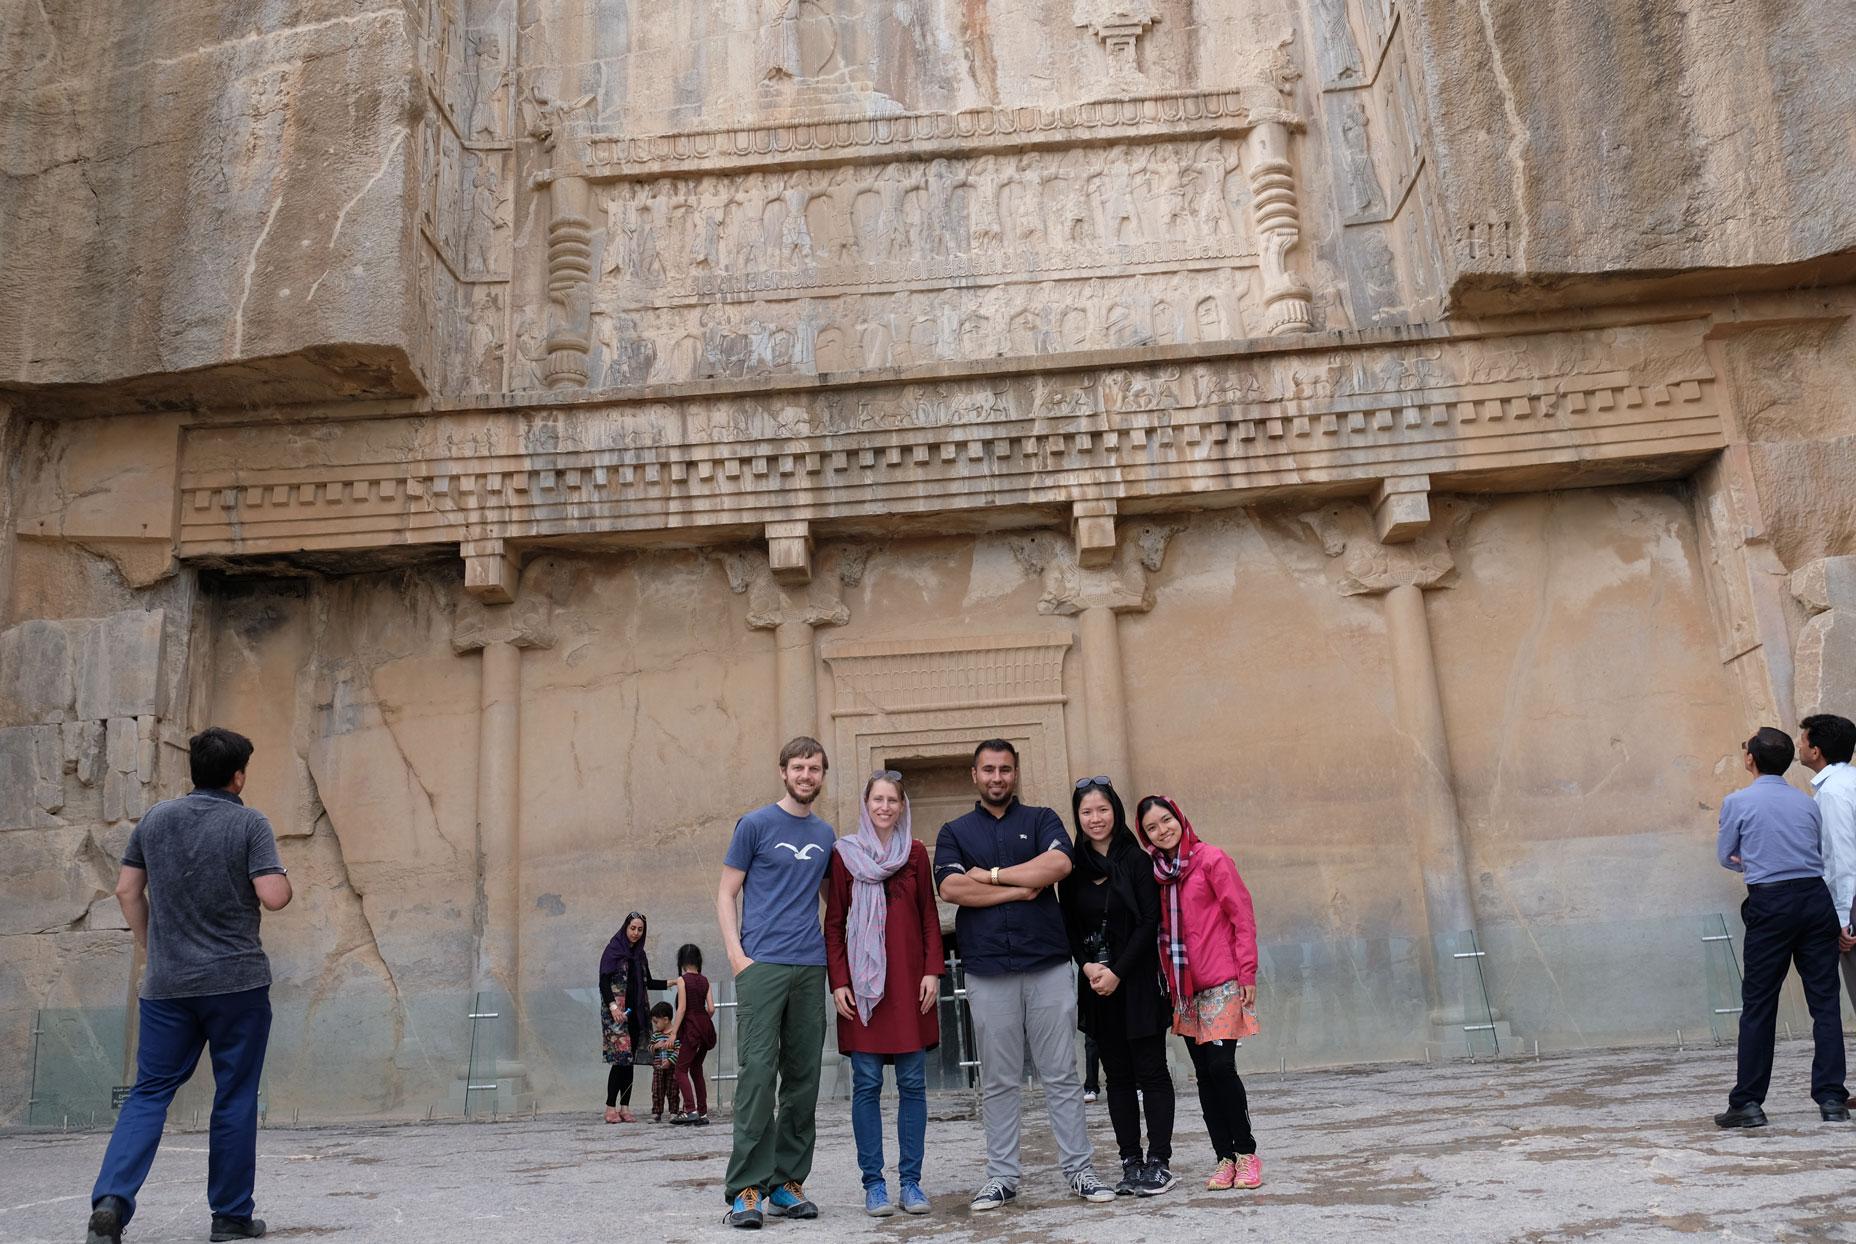 Sebastian und Leo mit einem Mann und zwei Frauen vor dem Eingang eines Felsentempels